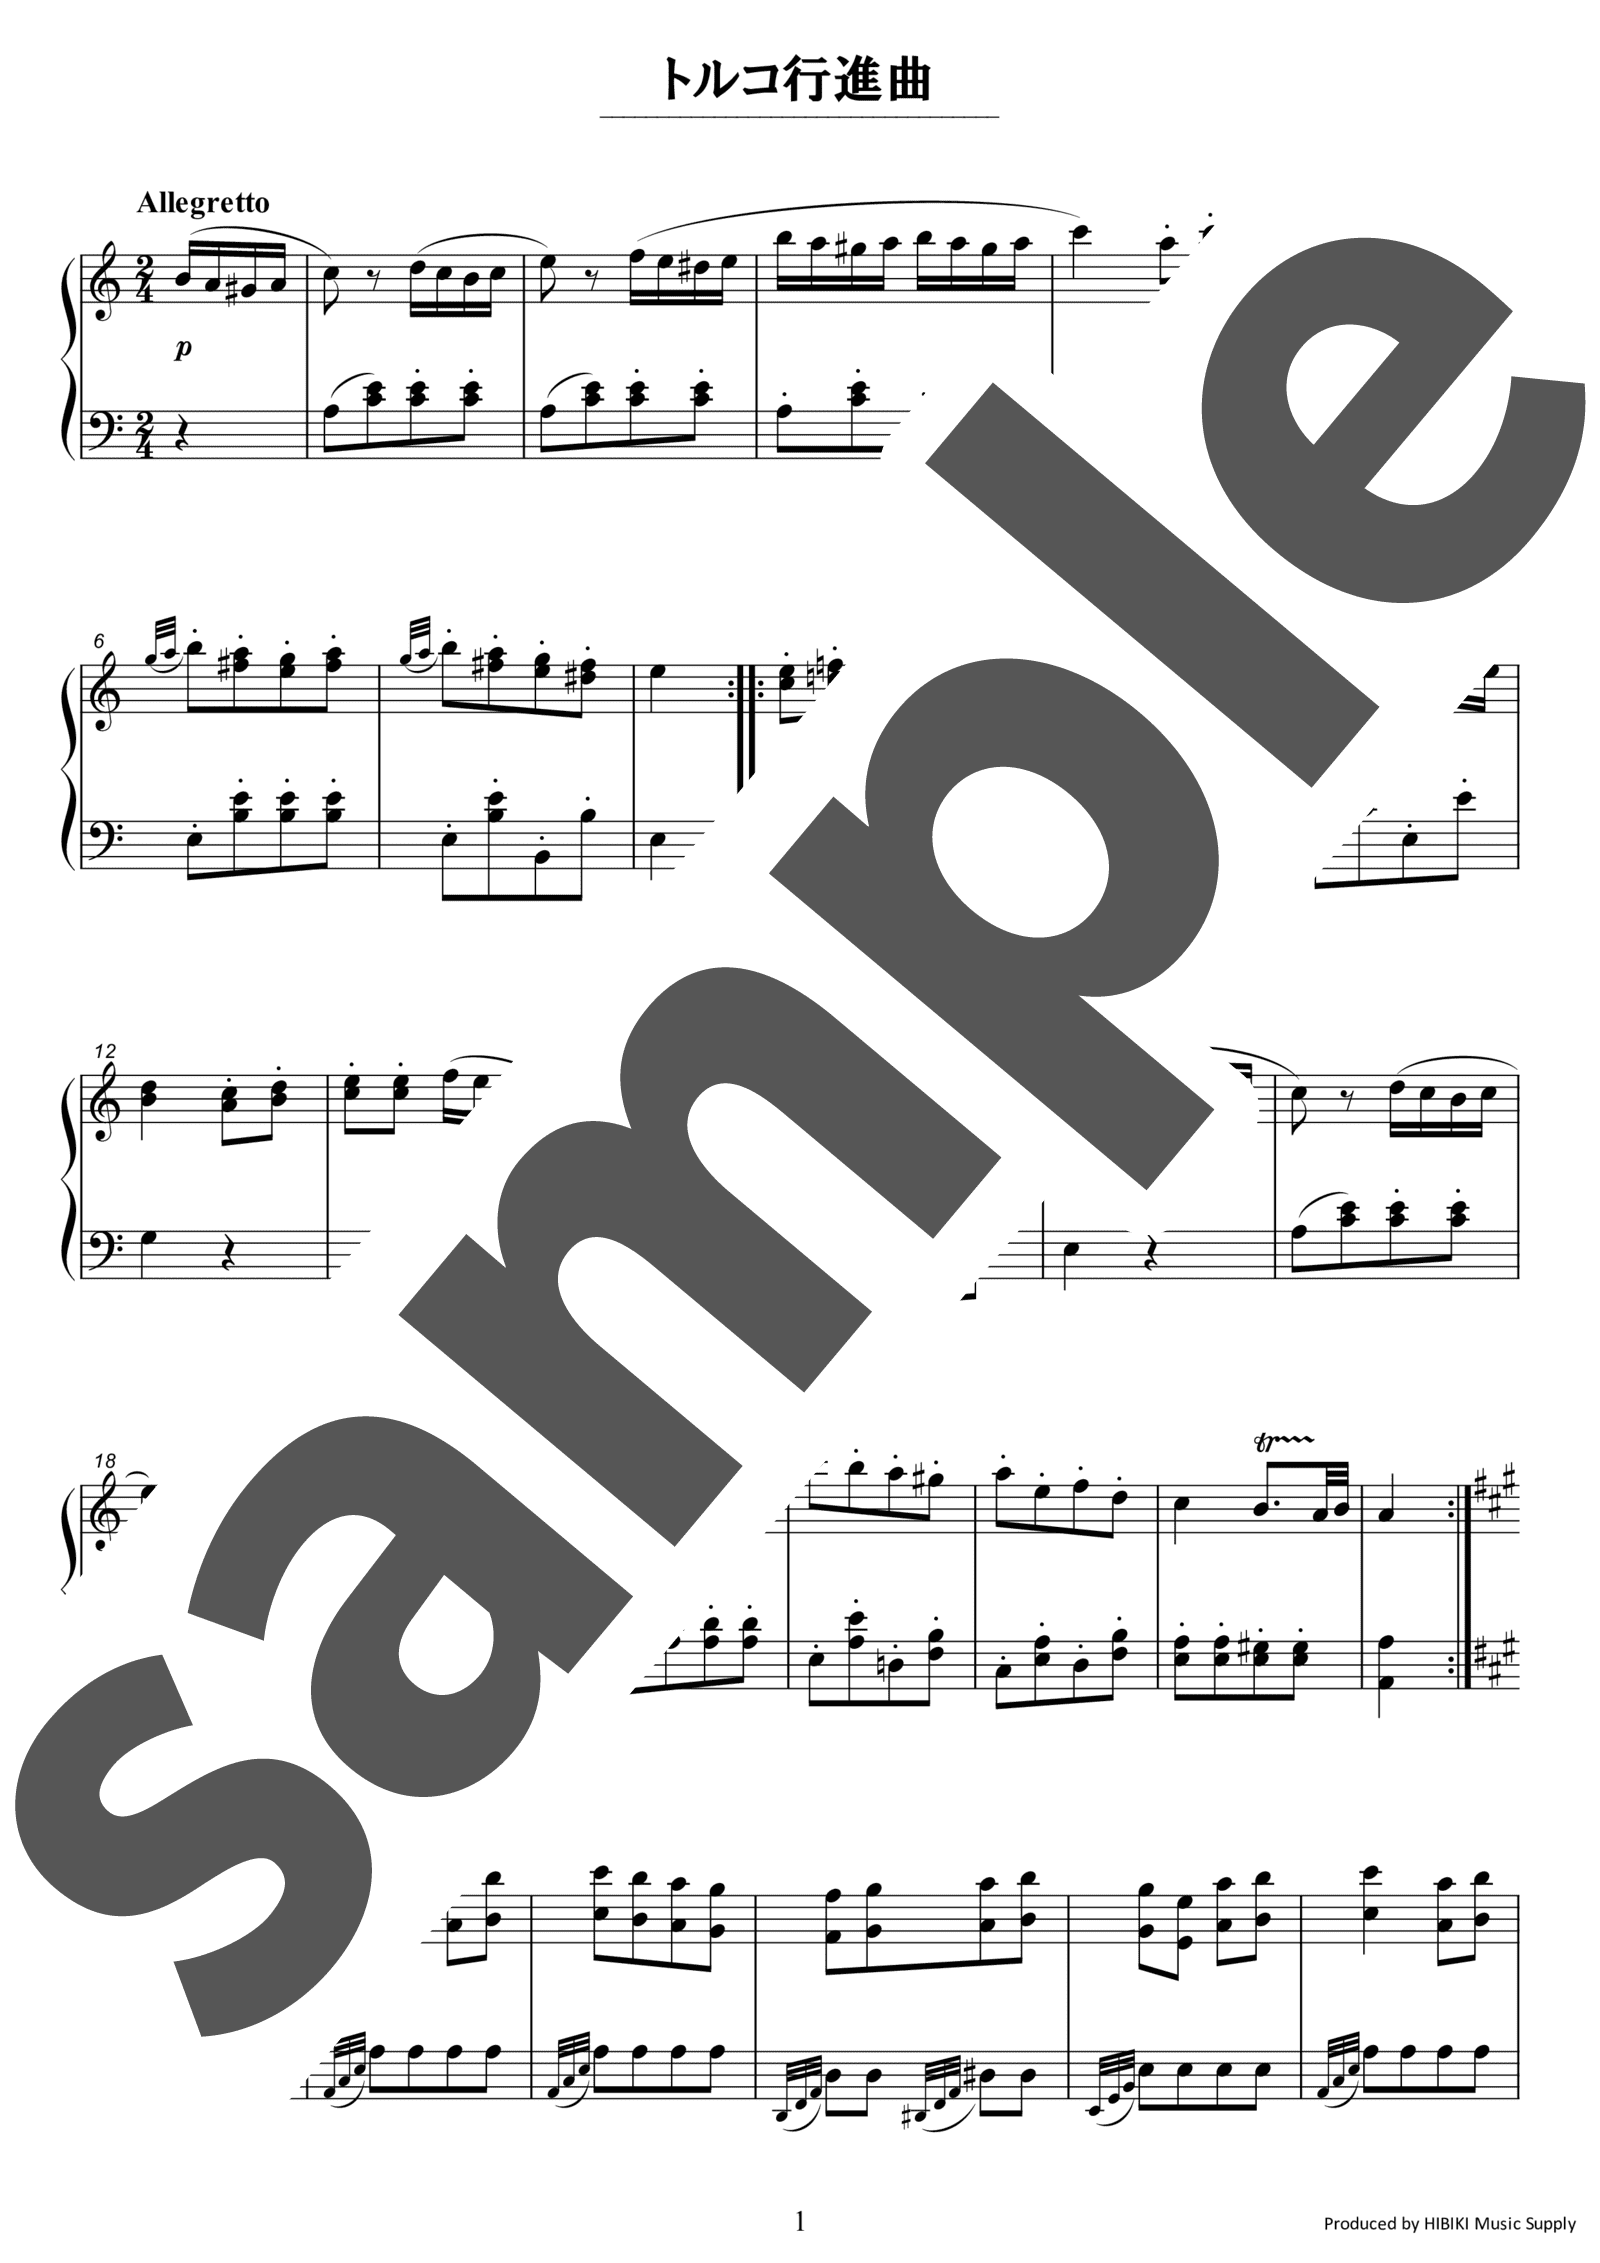 「トルコ行進曲」のサンプル楽譜